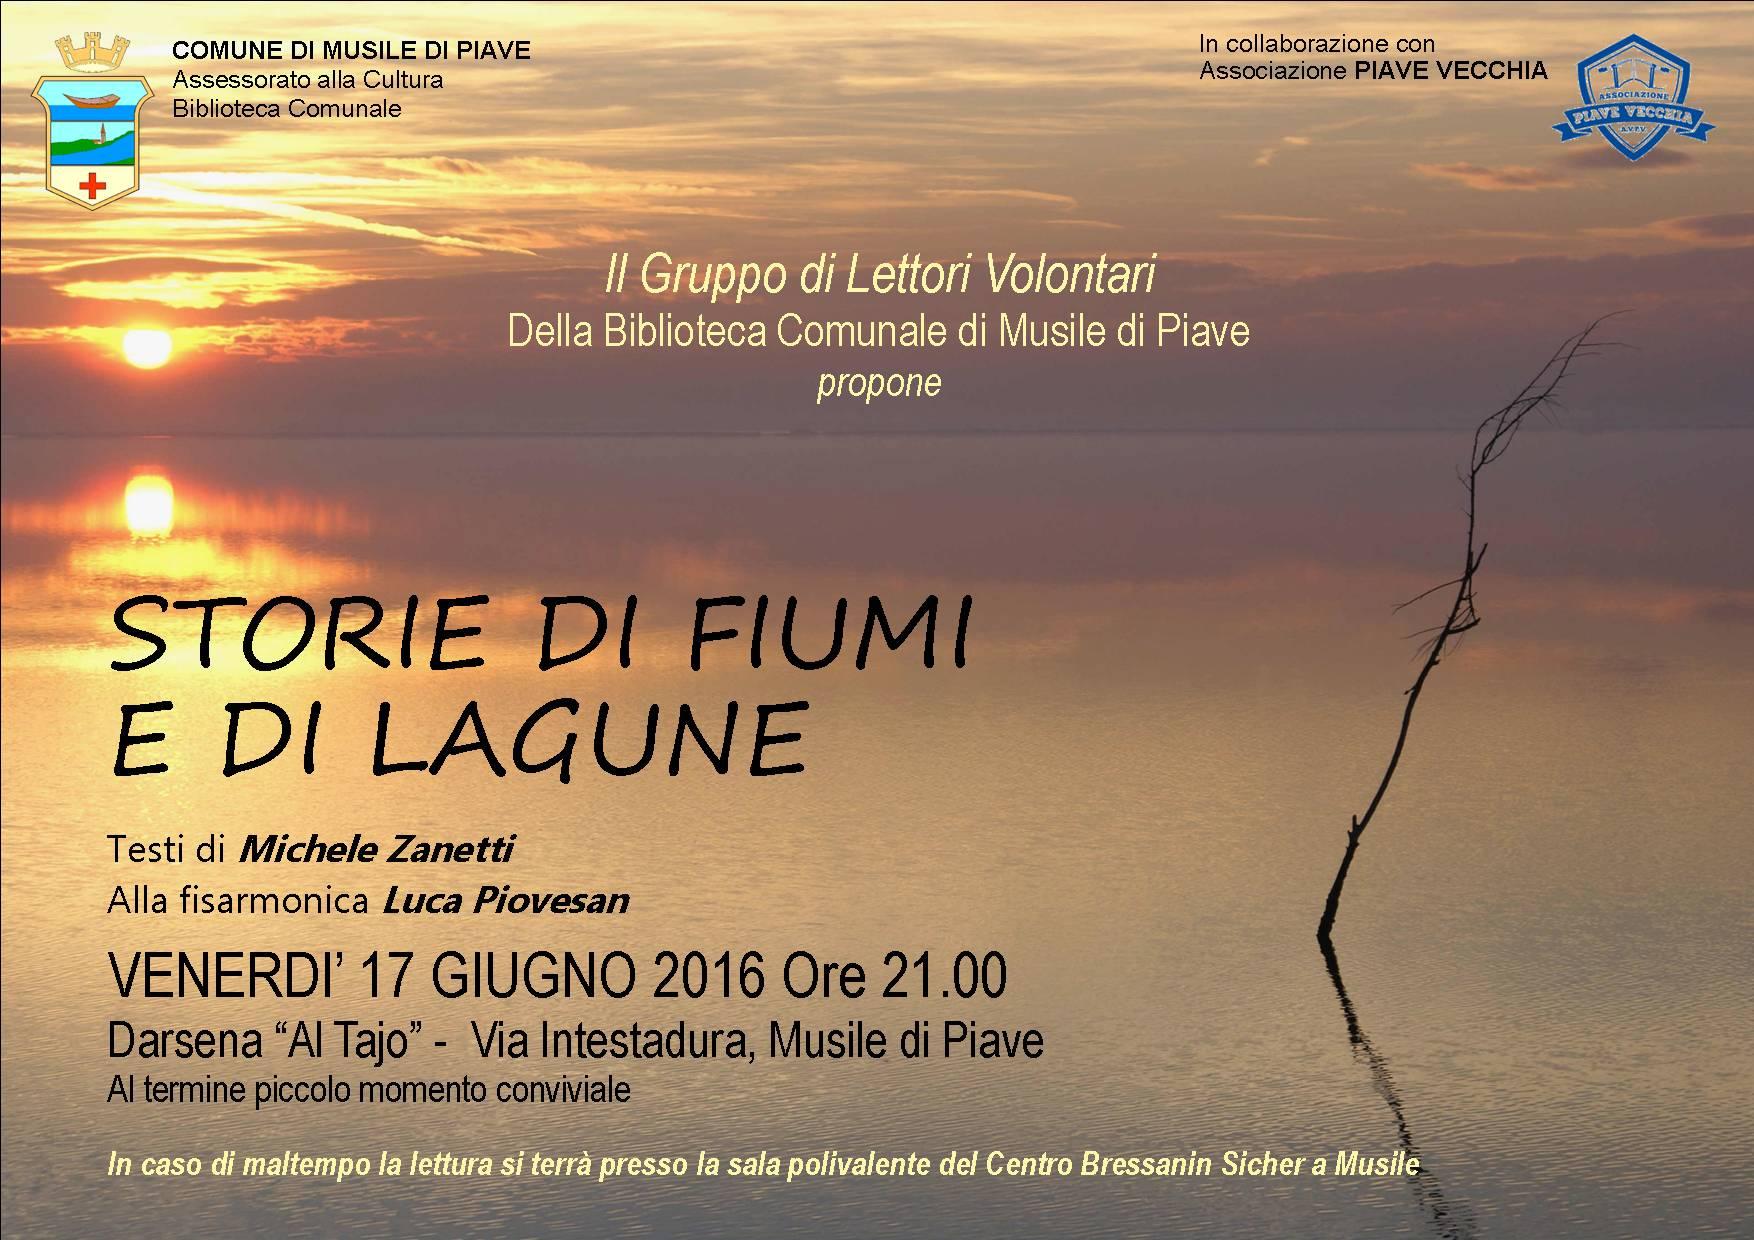 STORIE DI FIUMI E DI LAGUNE - Testi di Michele Zanetti, Alla fisarmoinica Luca Piovesan